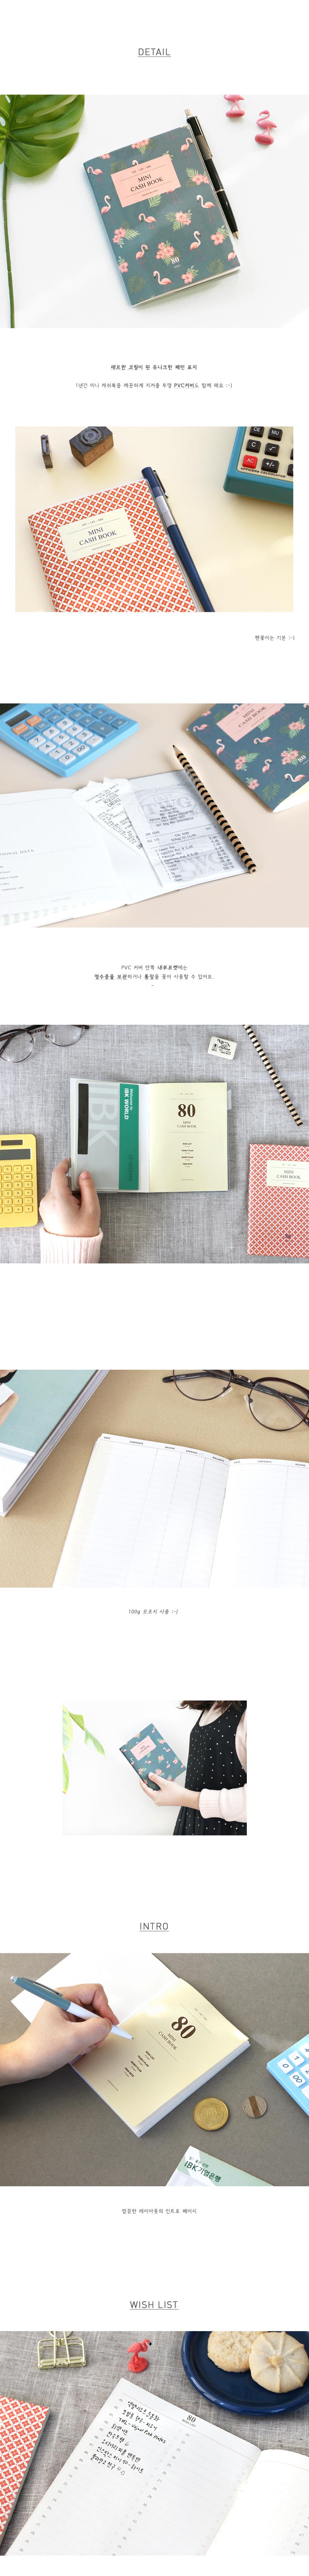 아이코닉 A6 미니 캐쉬북 v.2 - 아이코닉, 3,200원, 플래너, 가계부